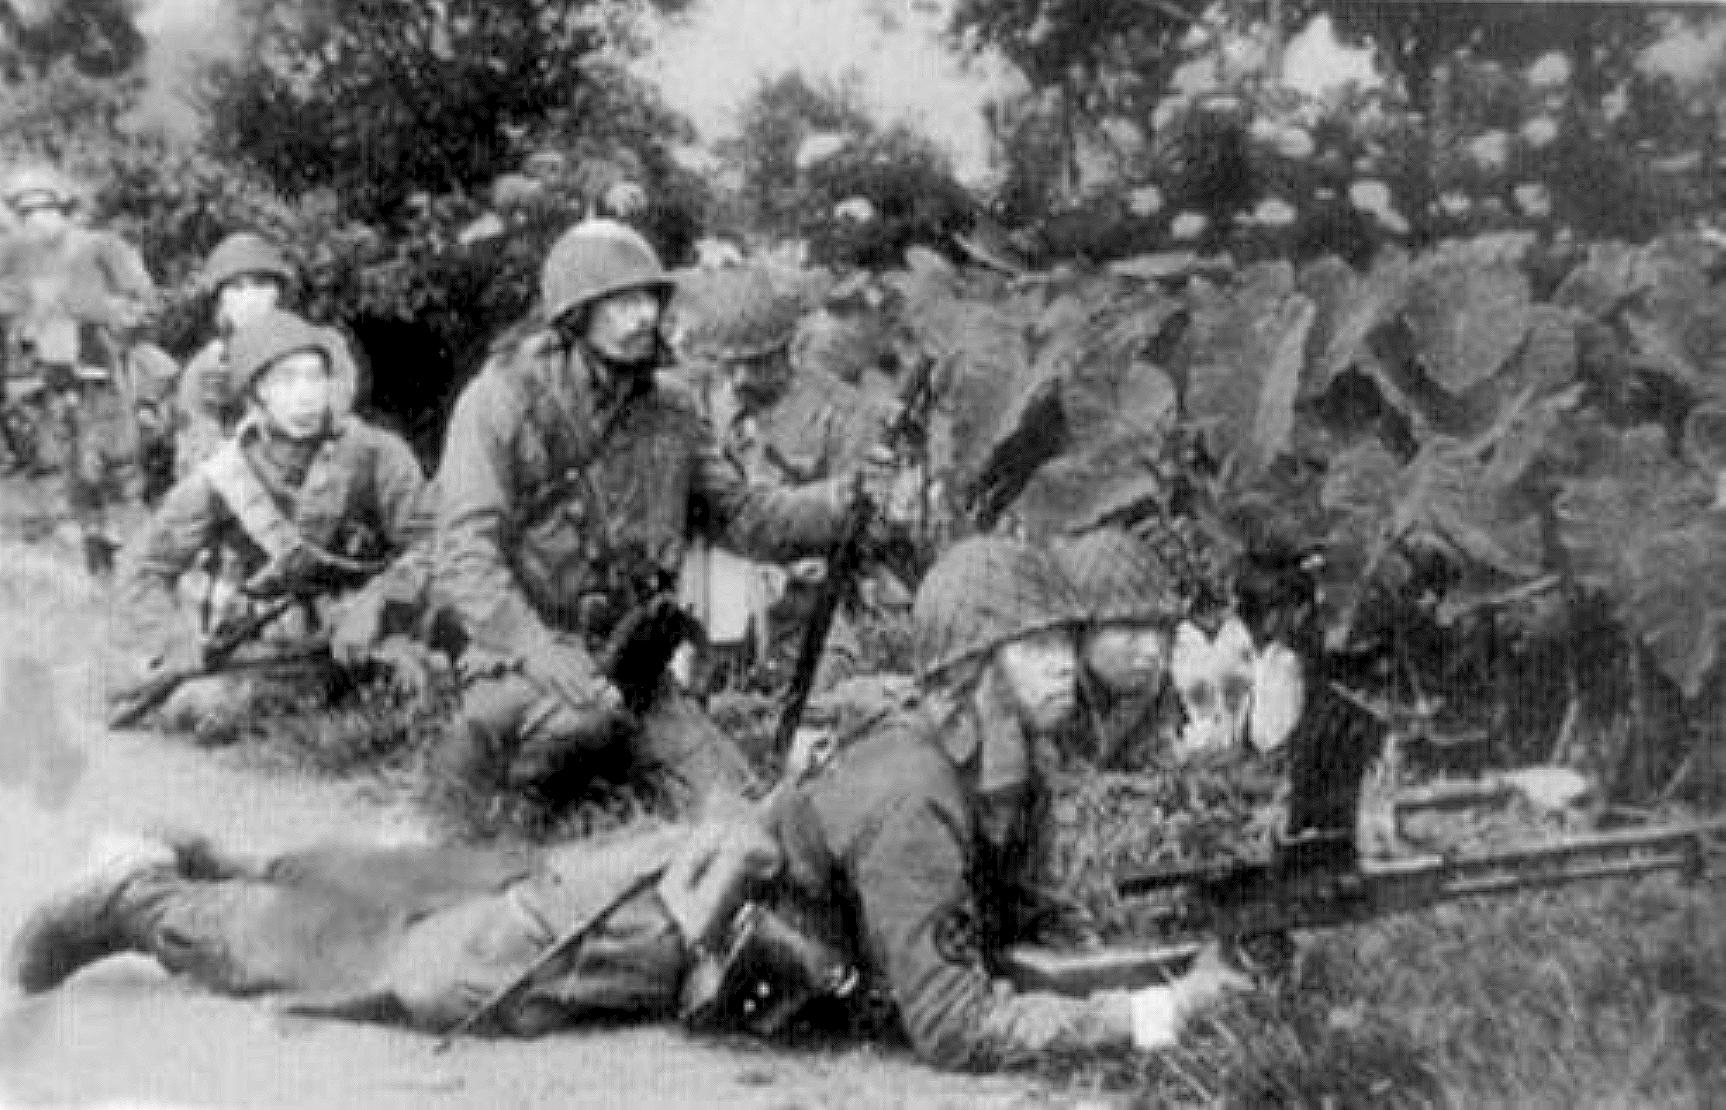 Parachutistes japonais attaquant les troupes hollandaises en 1942.